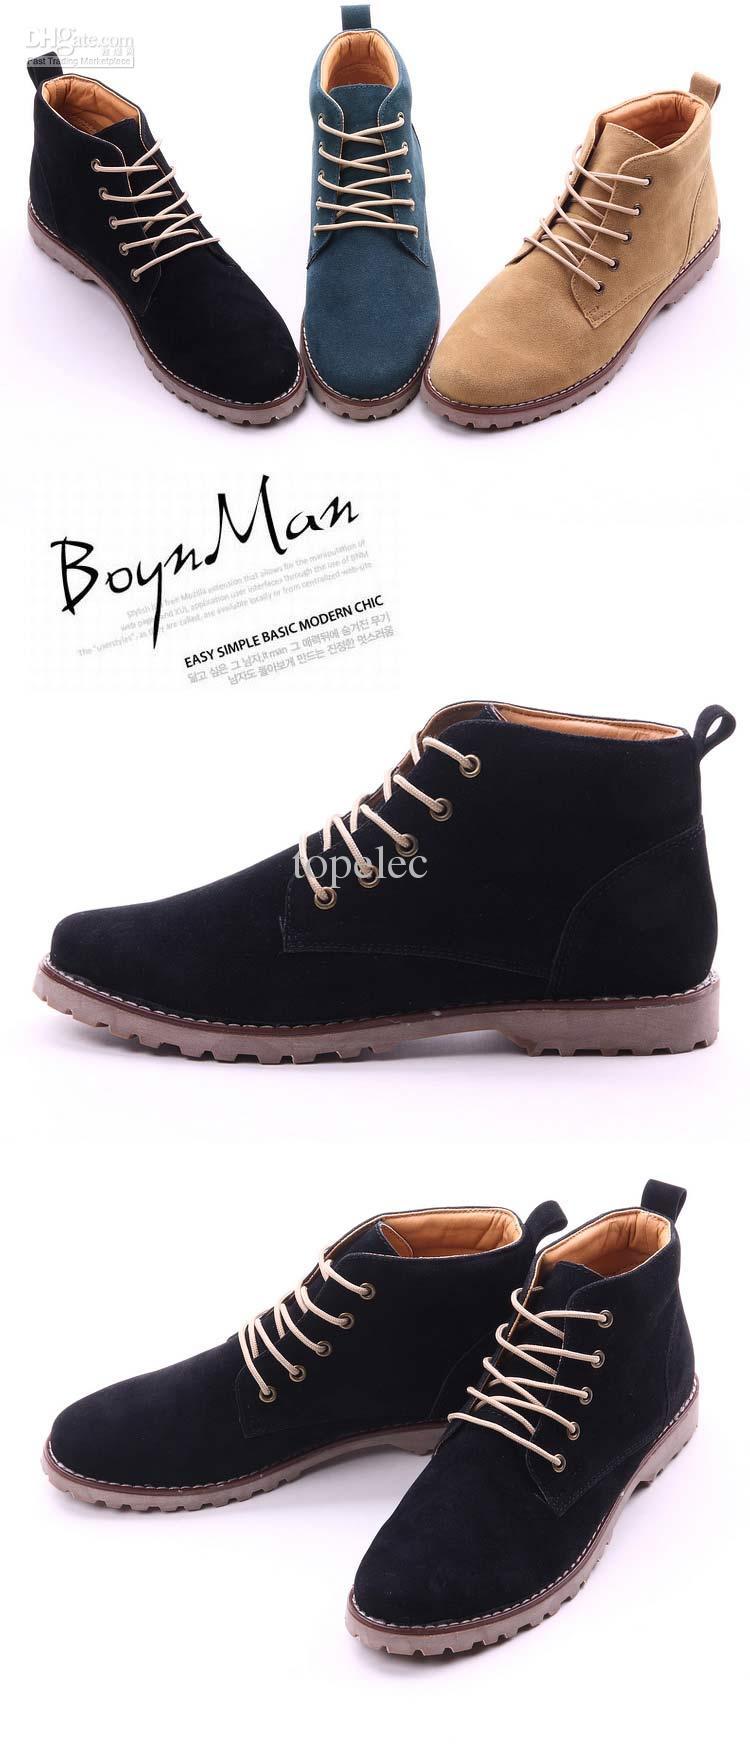 2015 Fashion Shoes New Style Men Shoes Fashion Men Short Boots ...